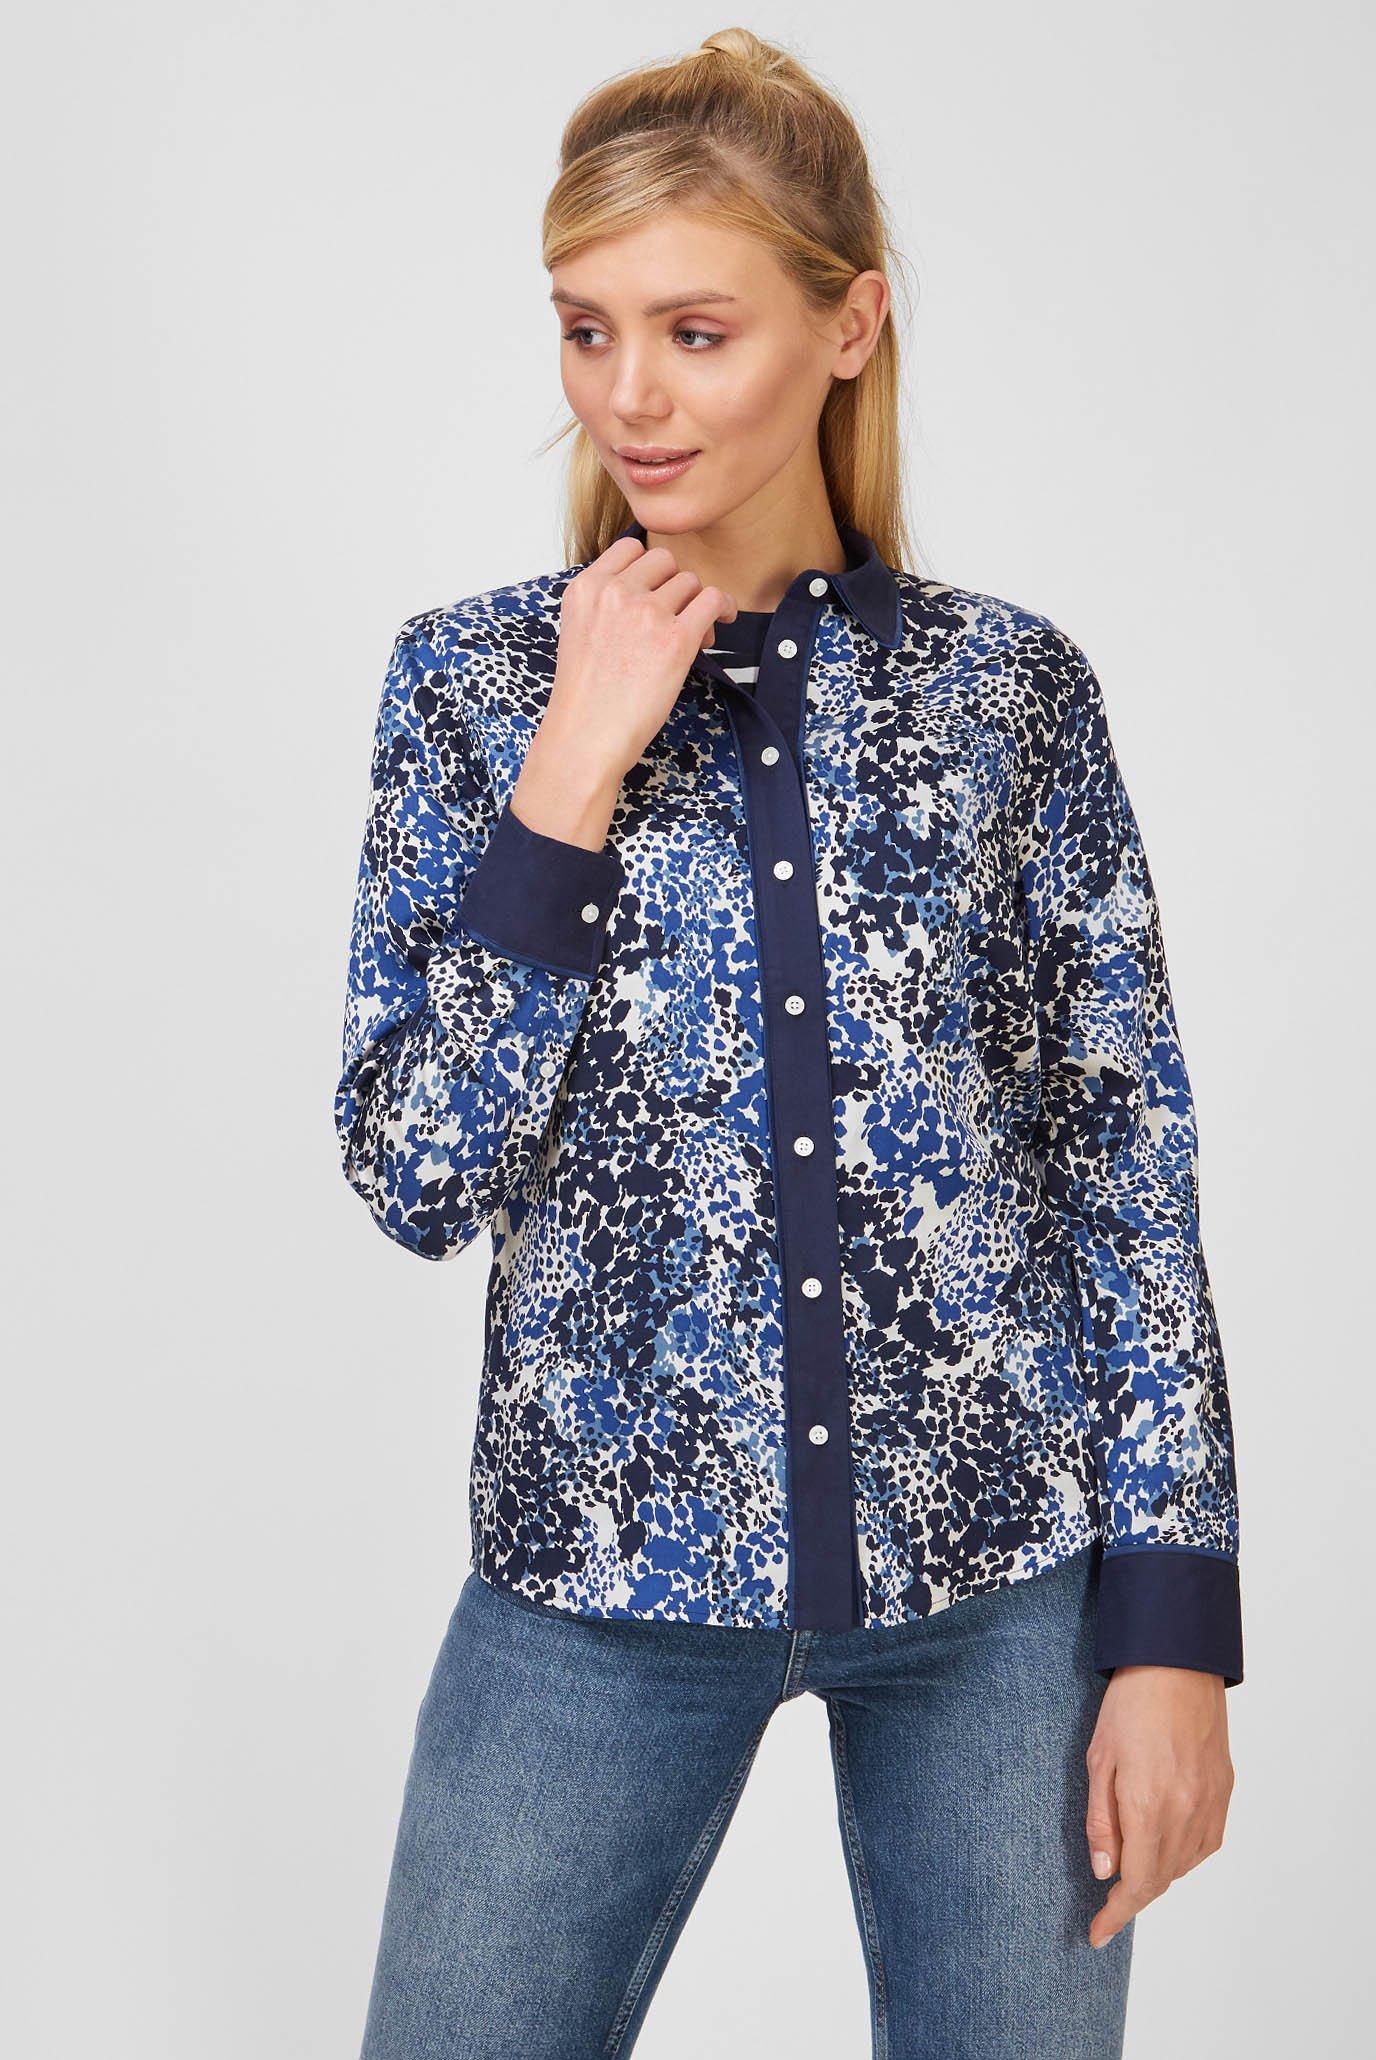 Женская блуза с узором REG DESERT DOT 1